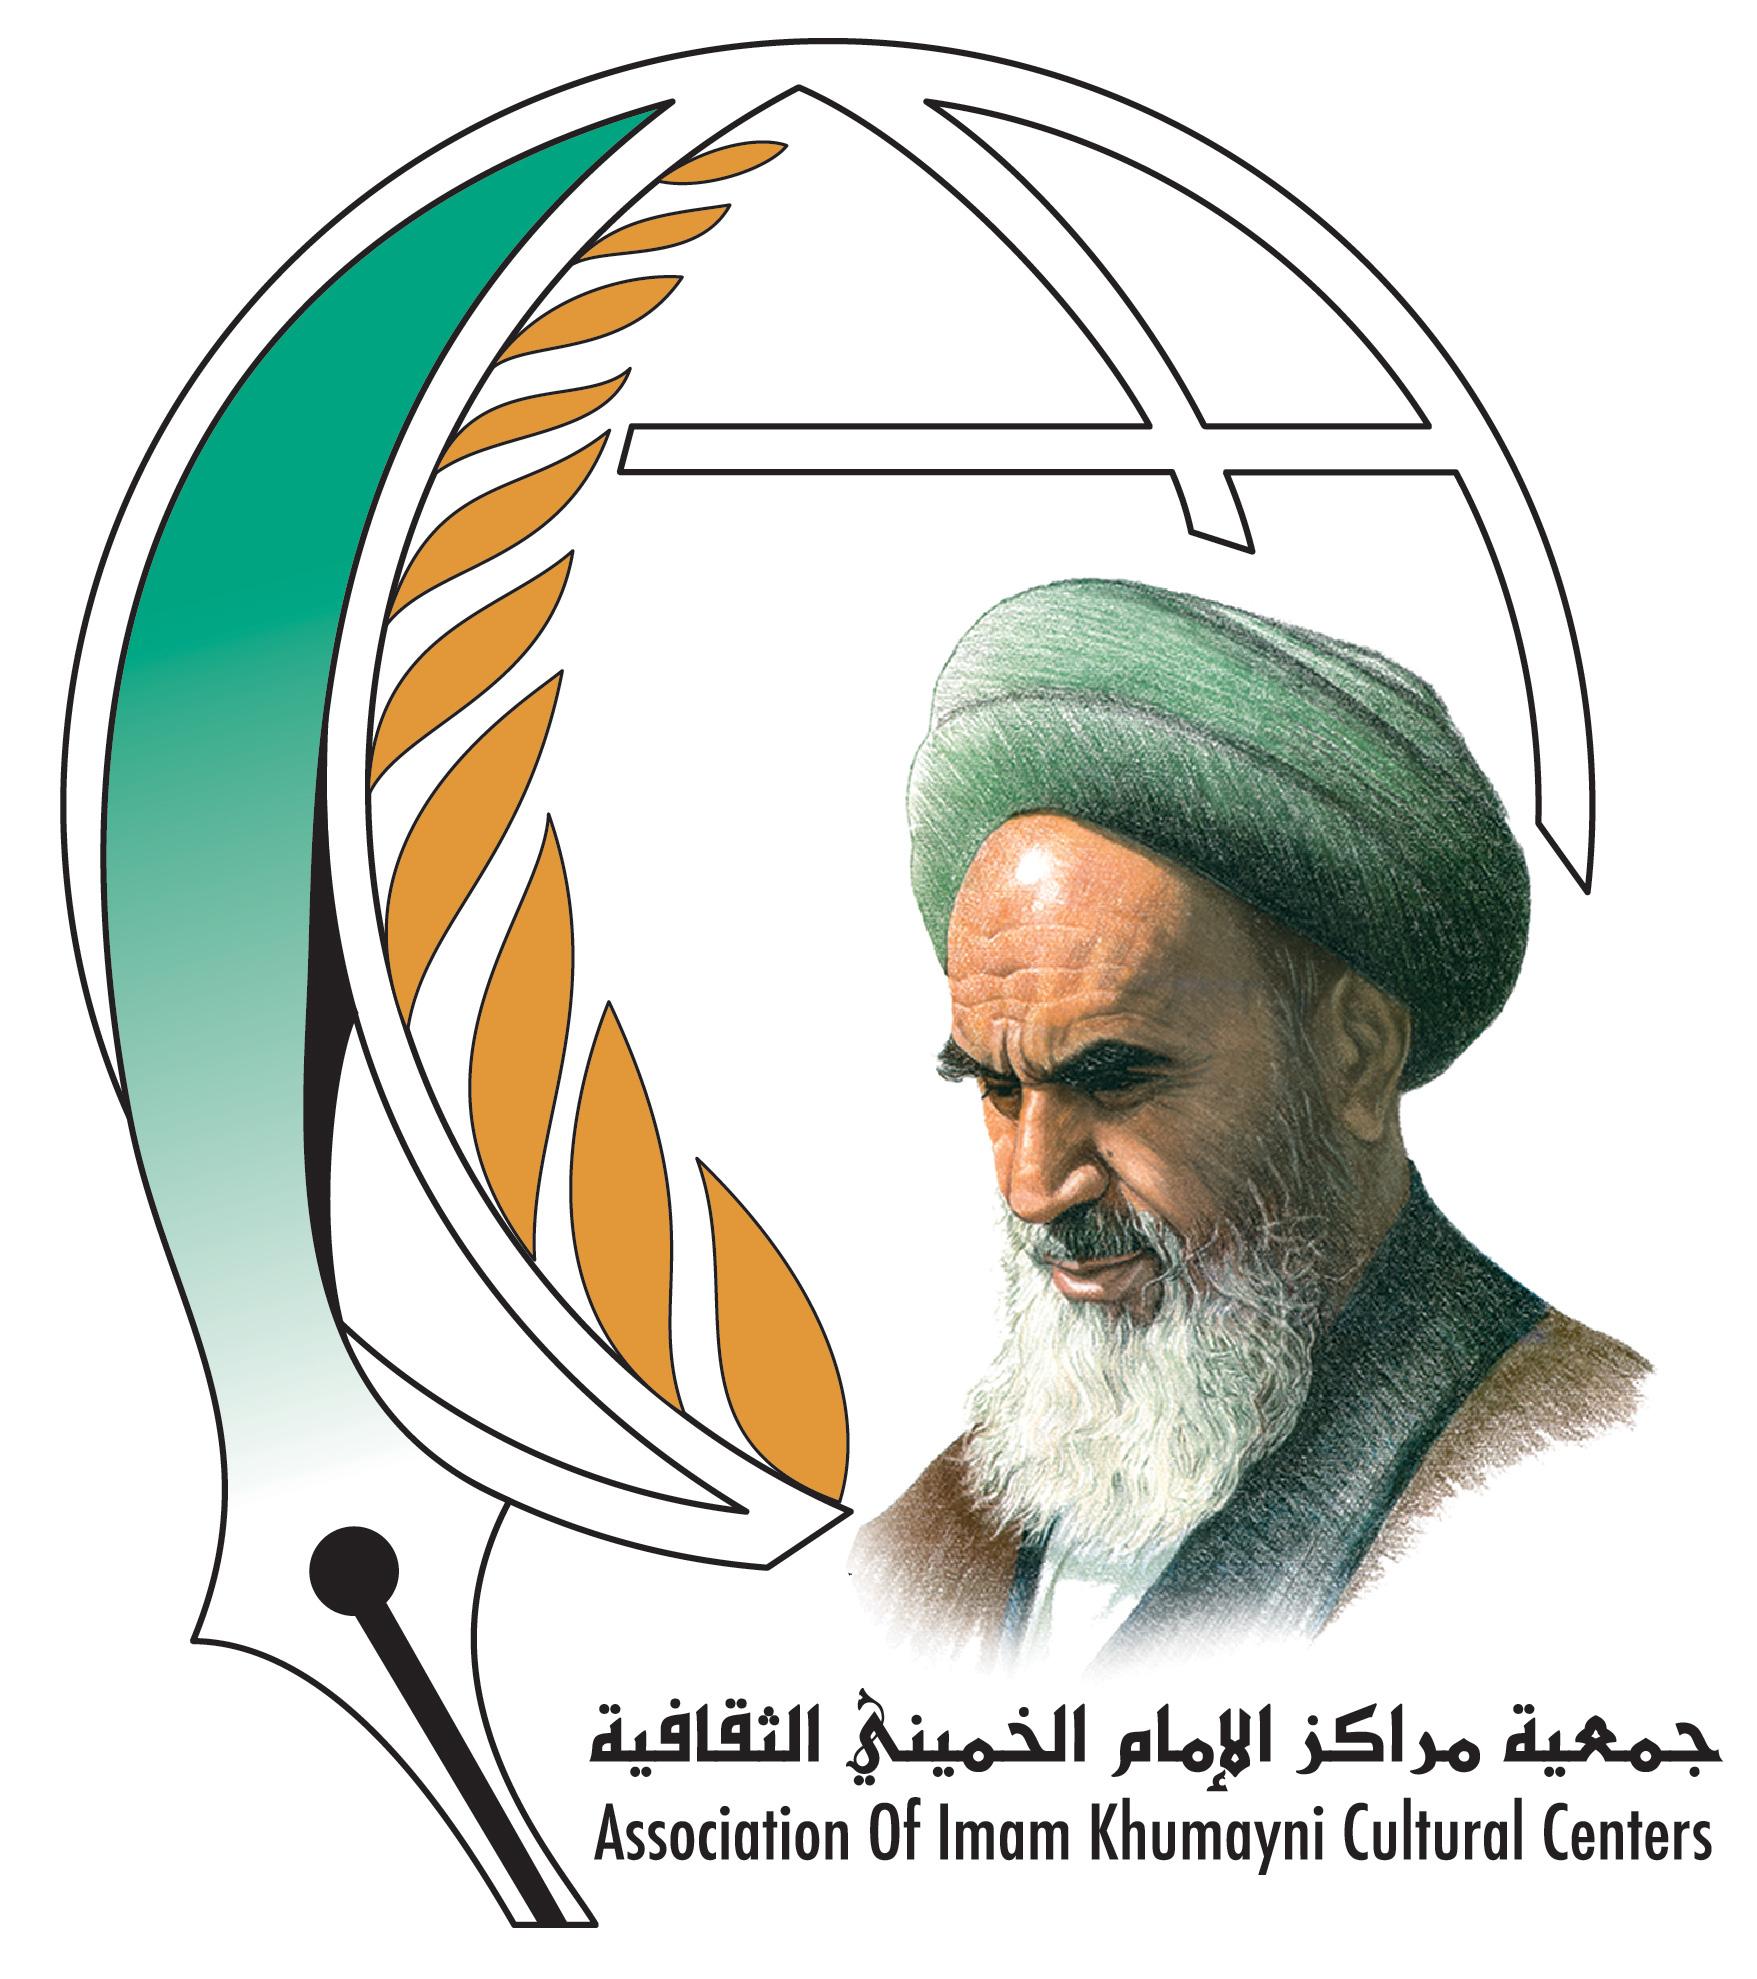 جمعية مراكز الإمام الخميني الثقافية